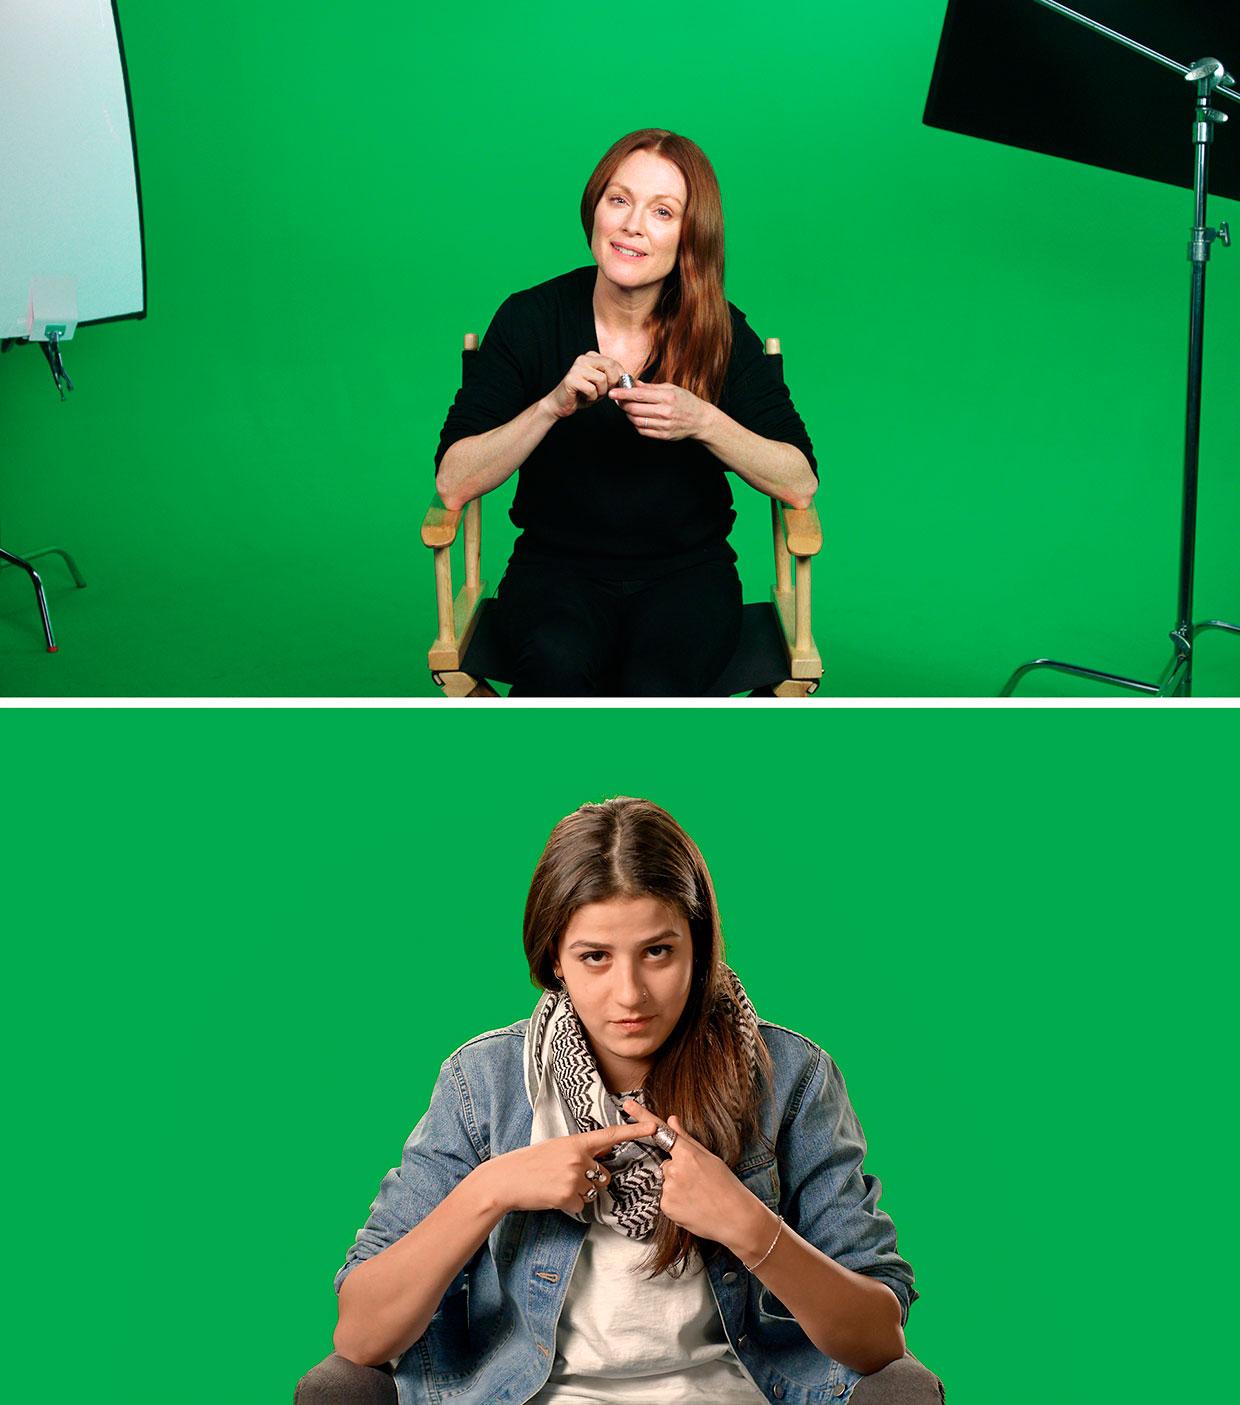 Candice Breitz, Stills fra Love Story, 2016. Med Julianne Moore og Alec Baldwin. Interviewet: Sarah Ezzat Mardini. Courtesy Goodman Gallery, Kaufmann Repetto og KOW